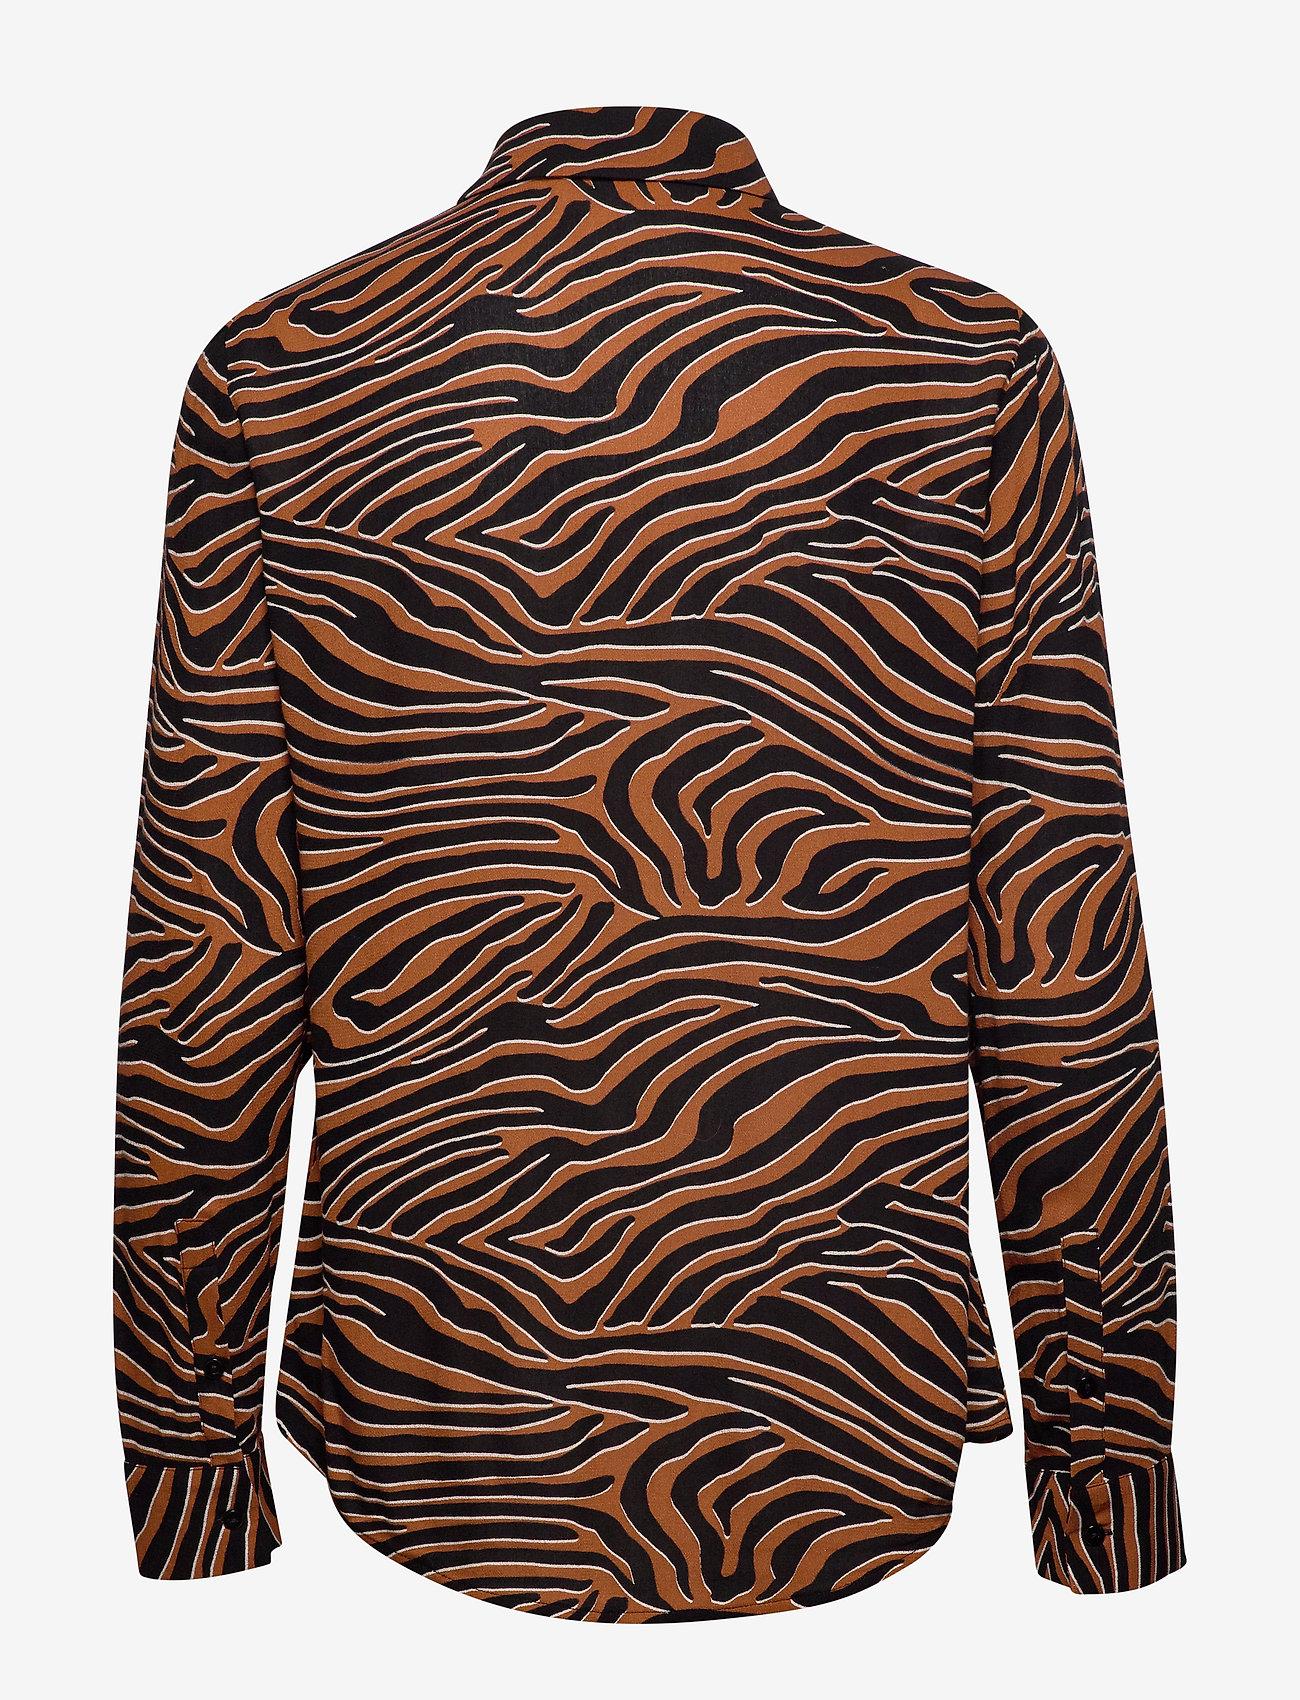 Samsøe Samsøe Milly shirt aop 7201 - Bluzki & Koszule ARGAN MOONSCAPE - Kobiety Odzież.